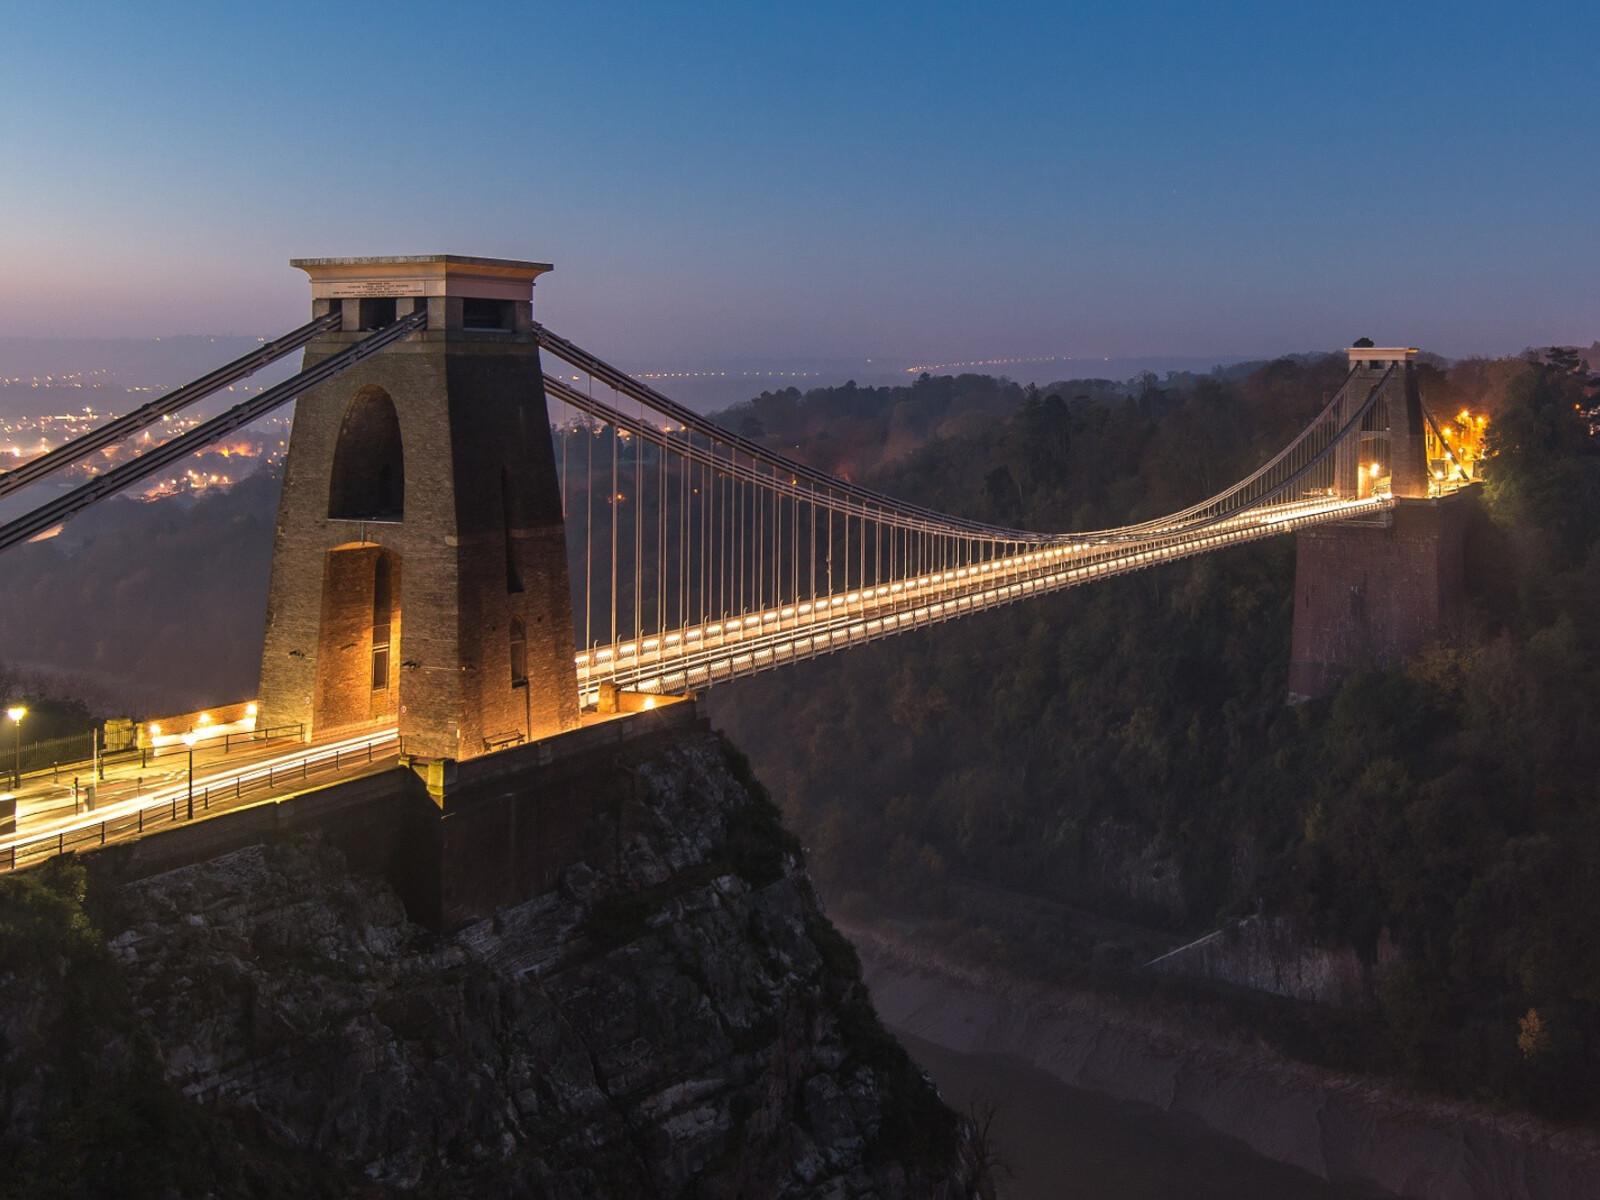 suspension-bridge-uk-england-ds.jpg